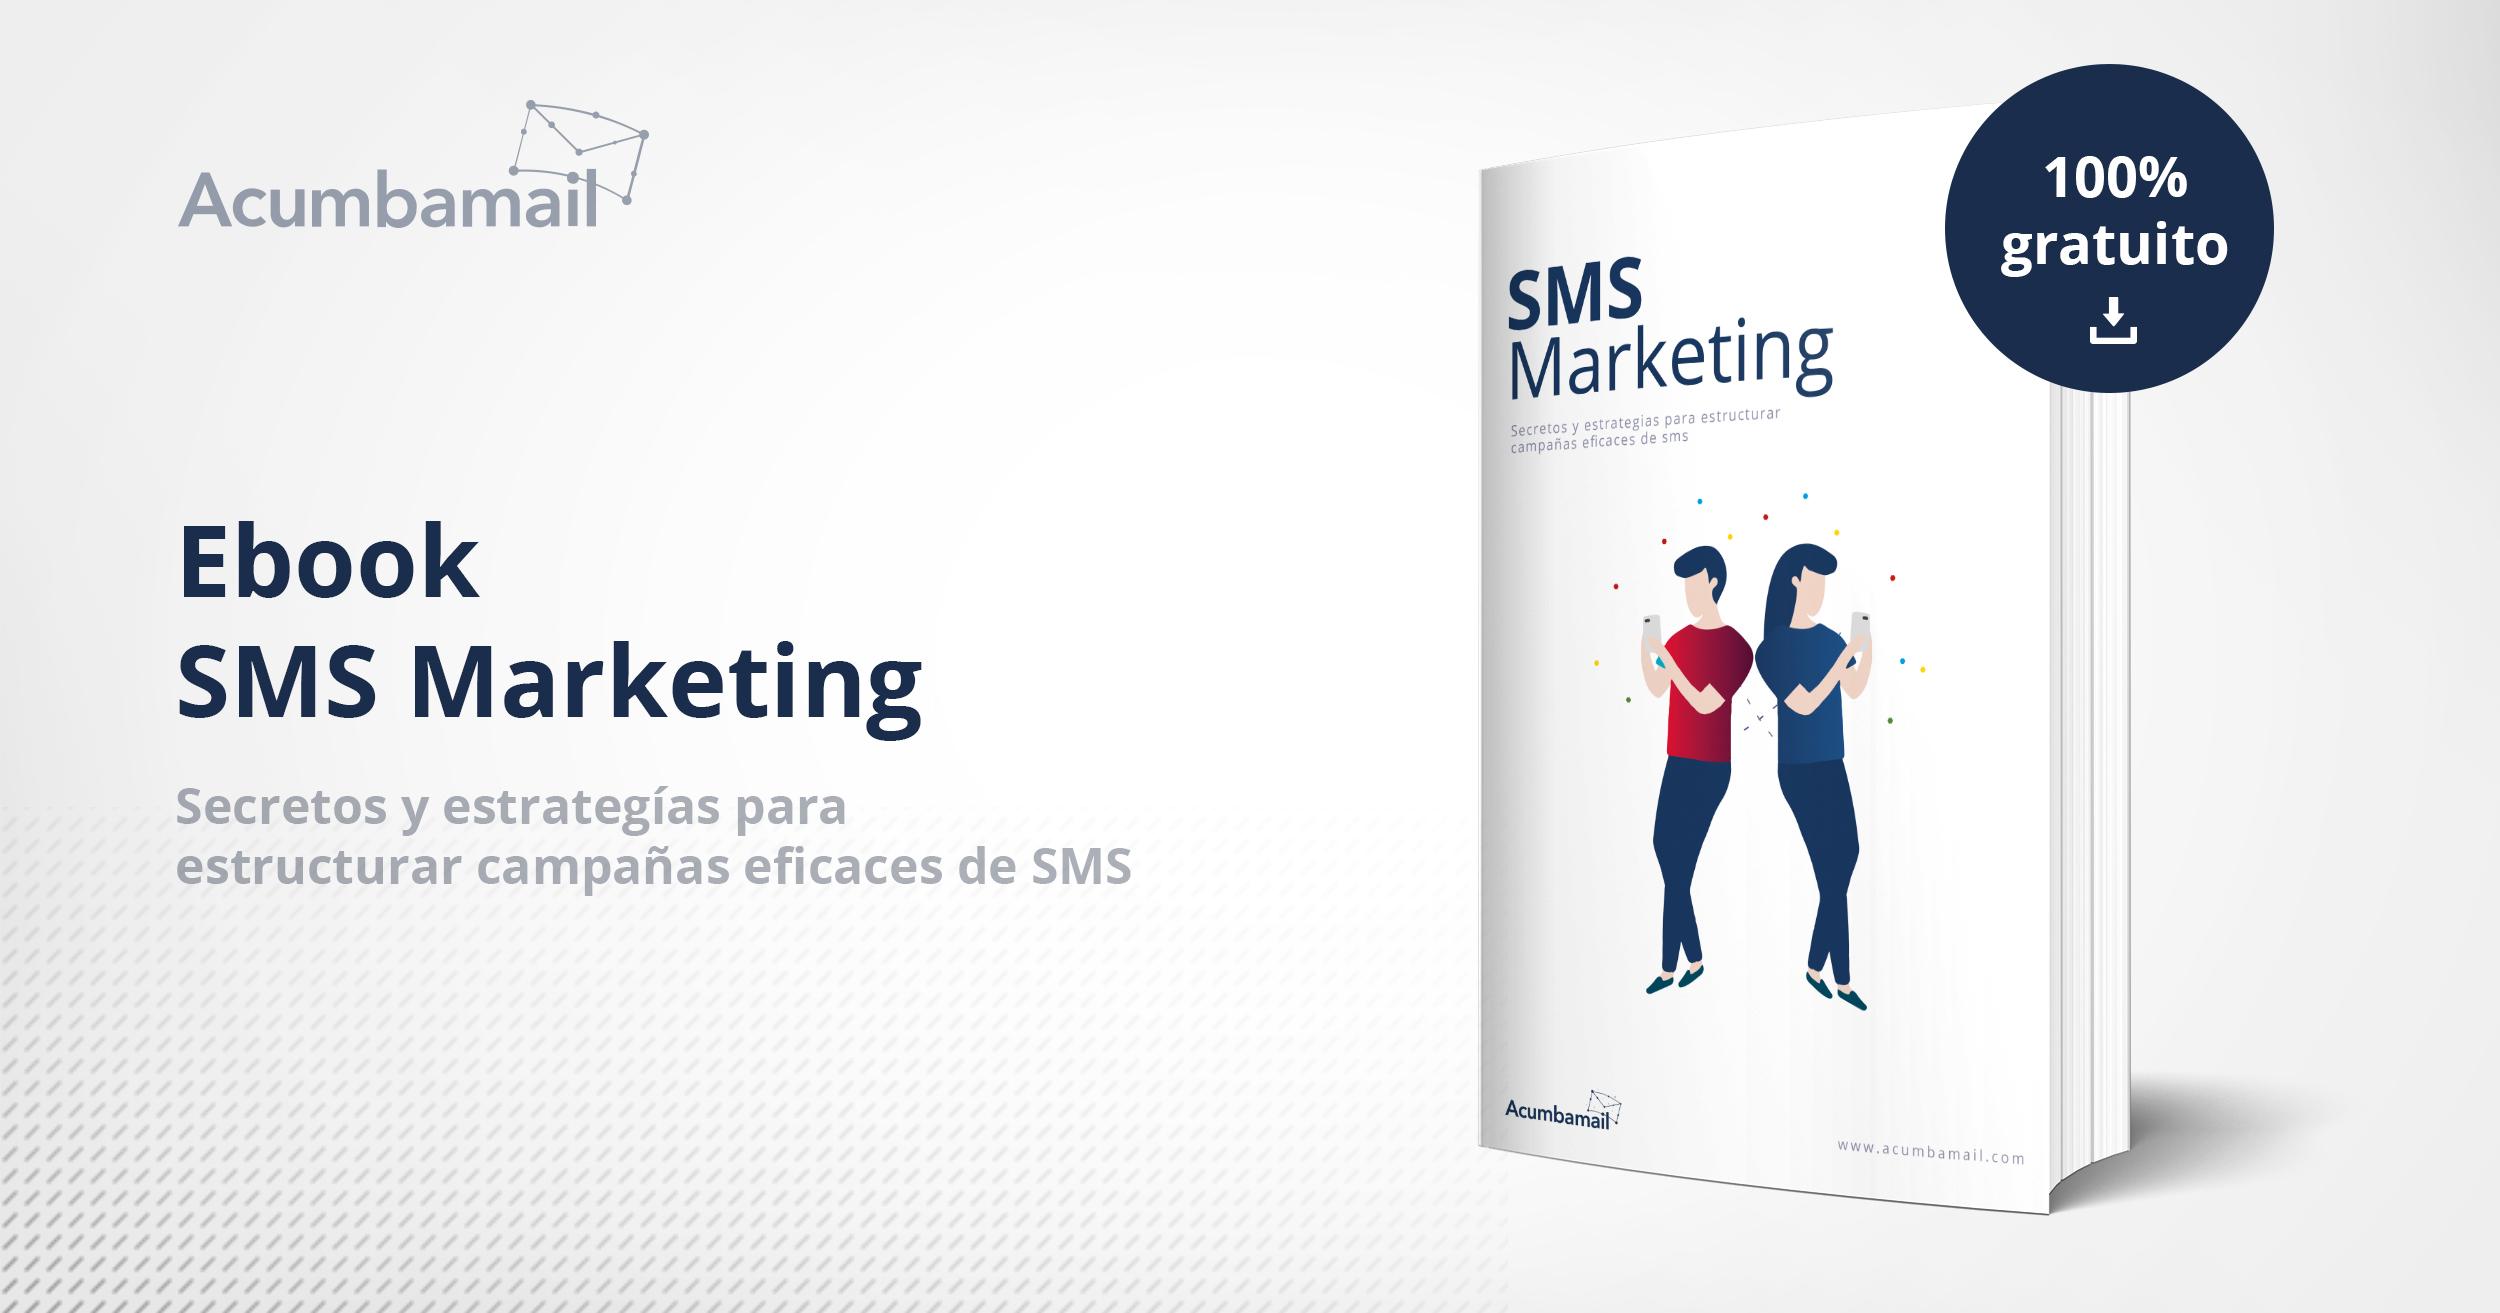 Ebook SMS: trucos y estrategias